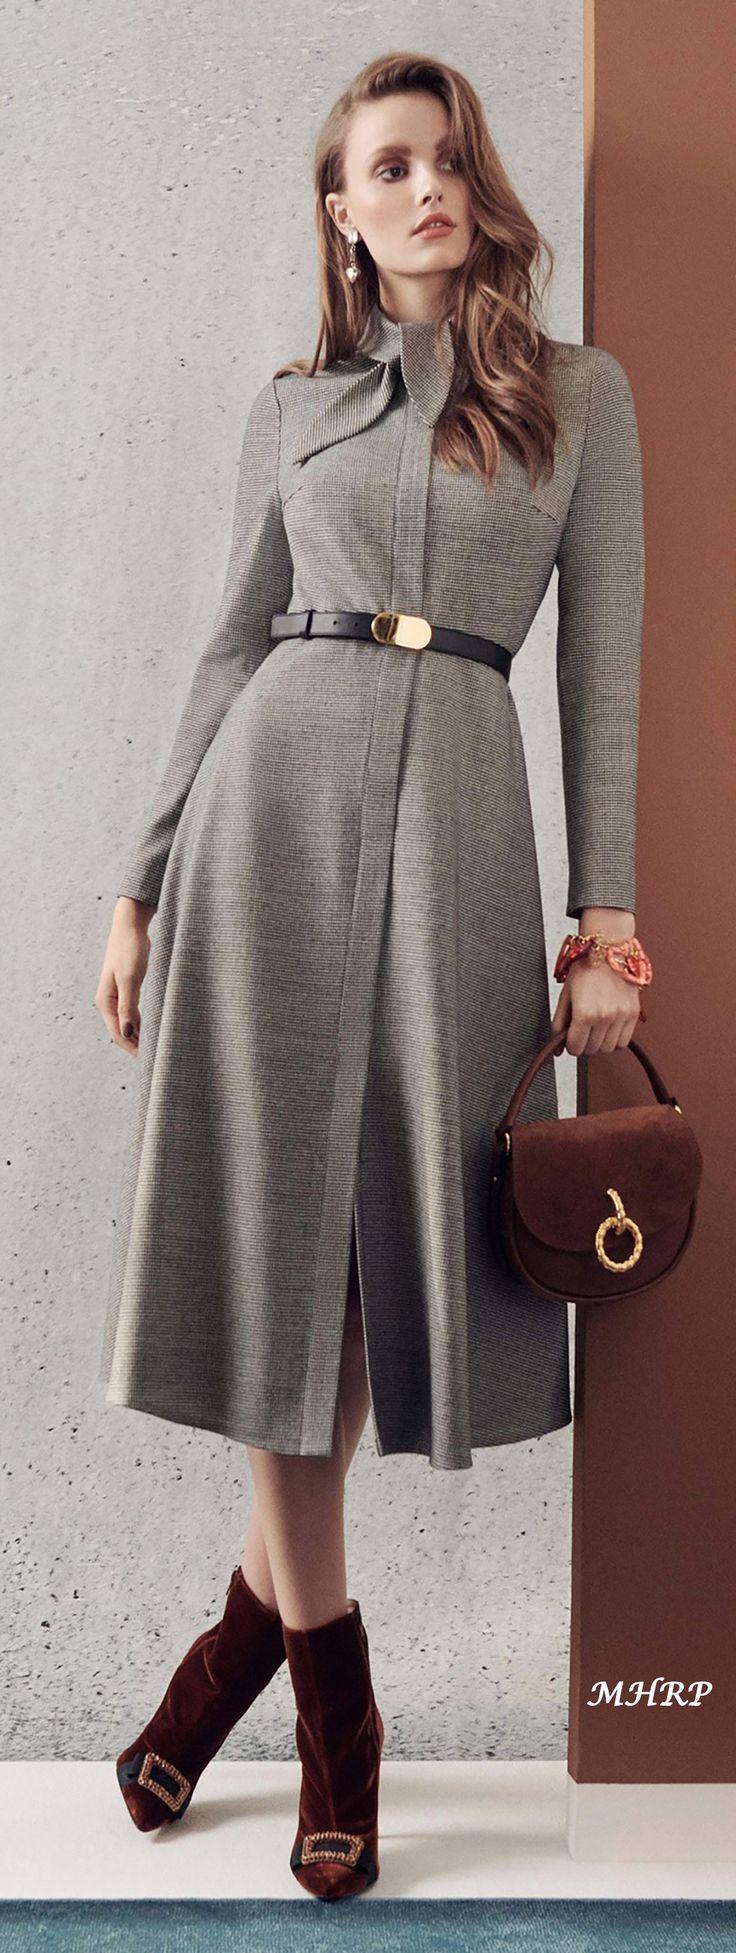 <b>Платье</b> на каждый день в офис, <b>платье</b> на осень | <b>платья</b> в 2019 г ...